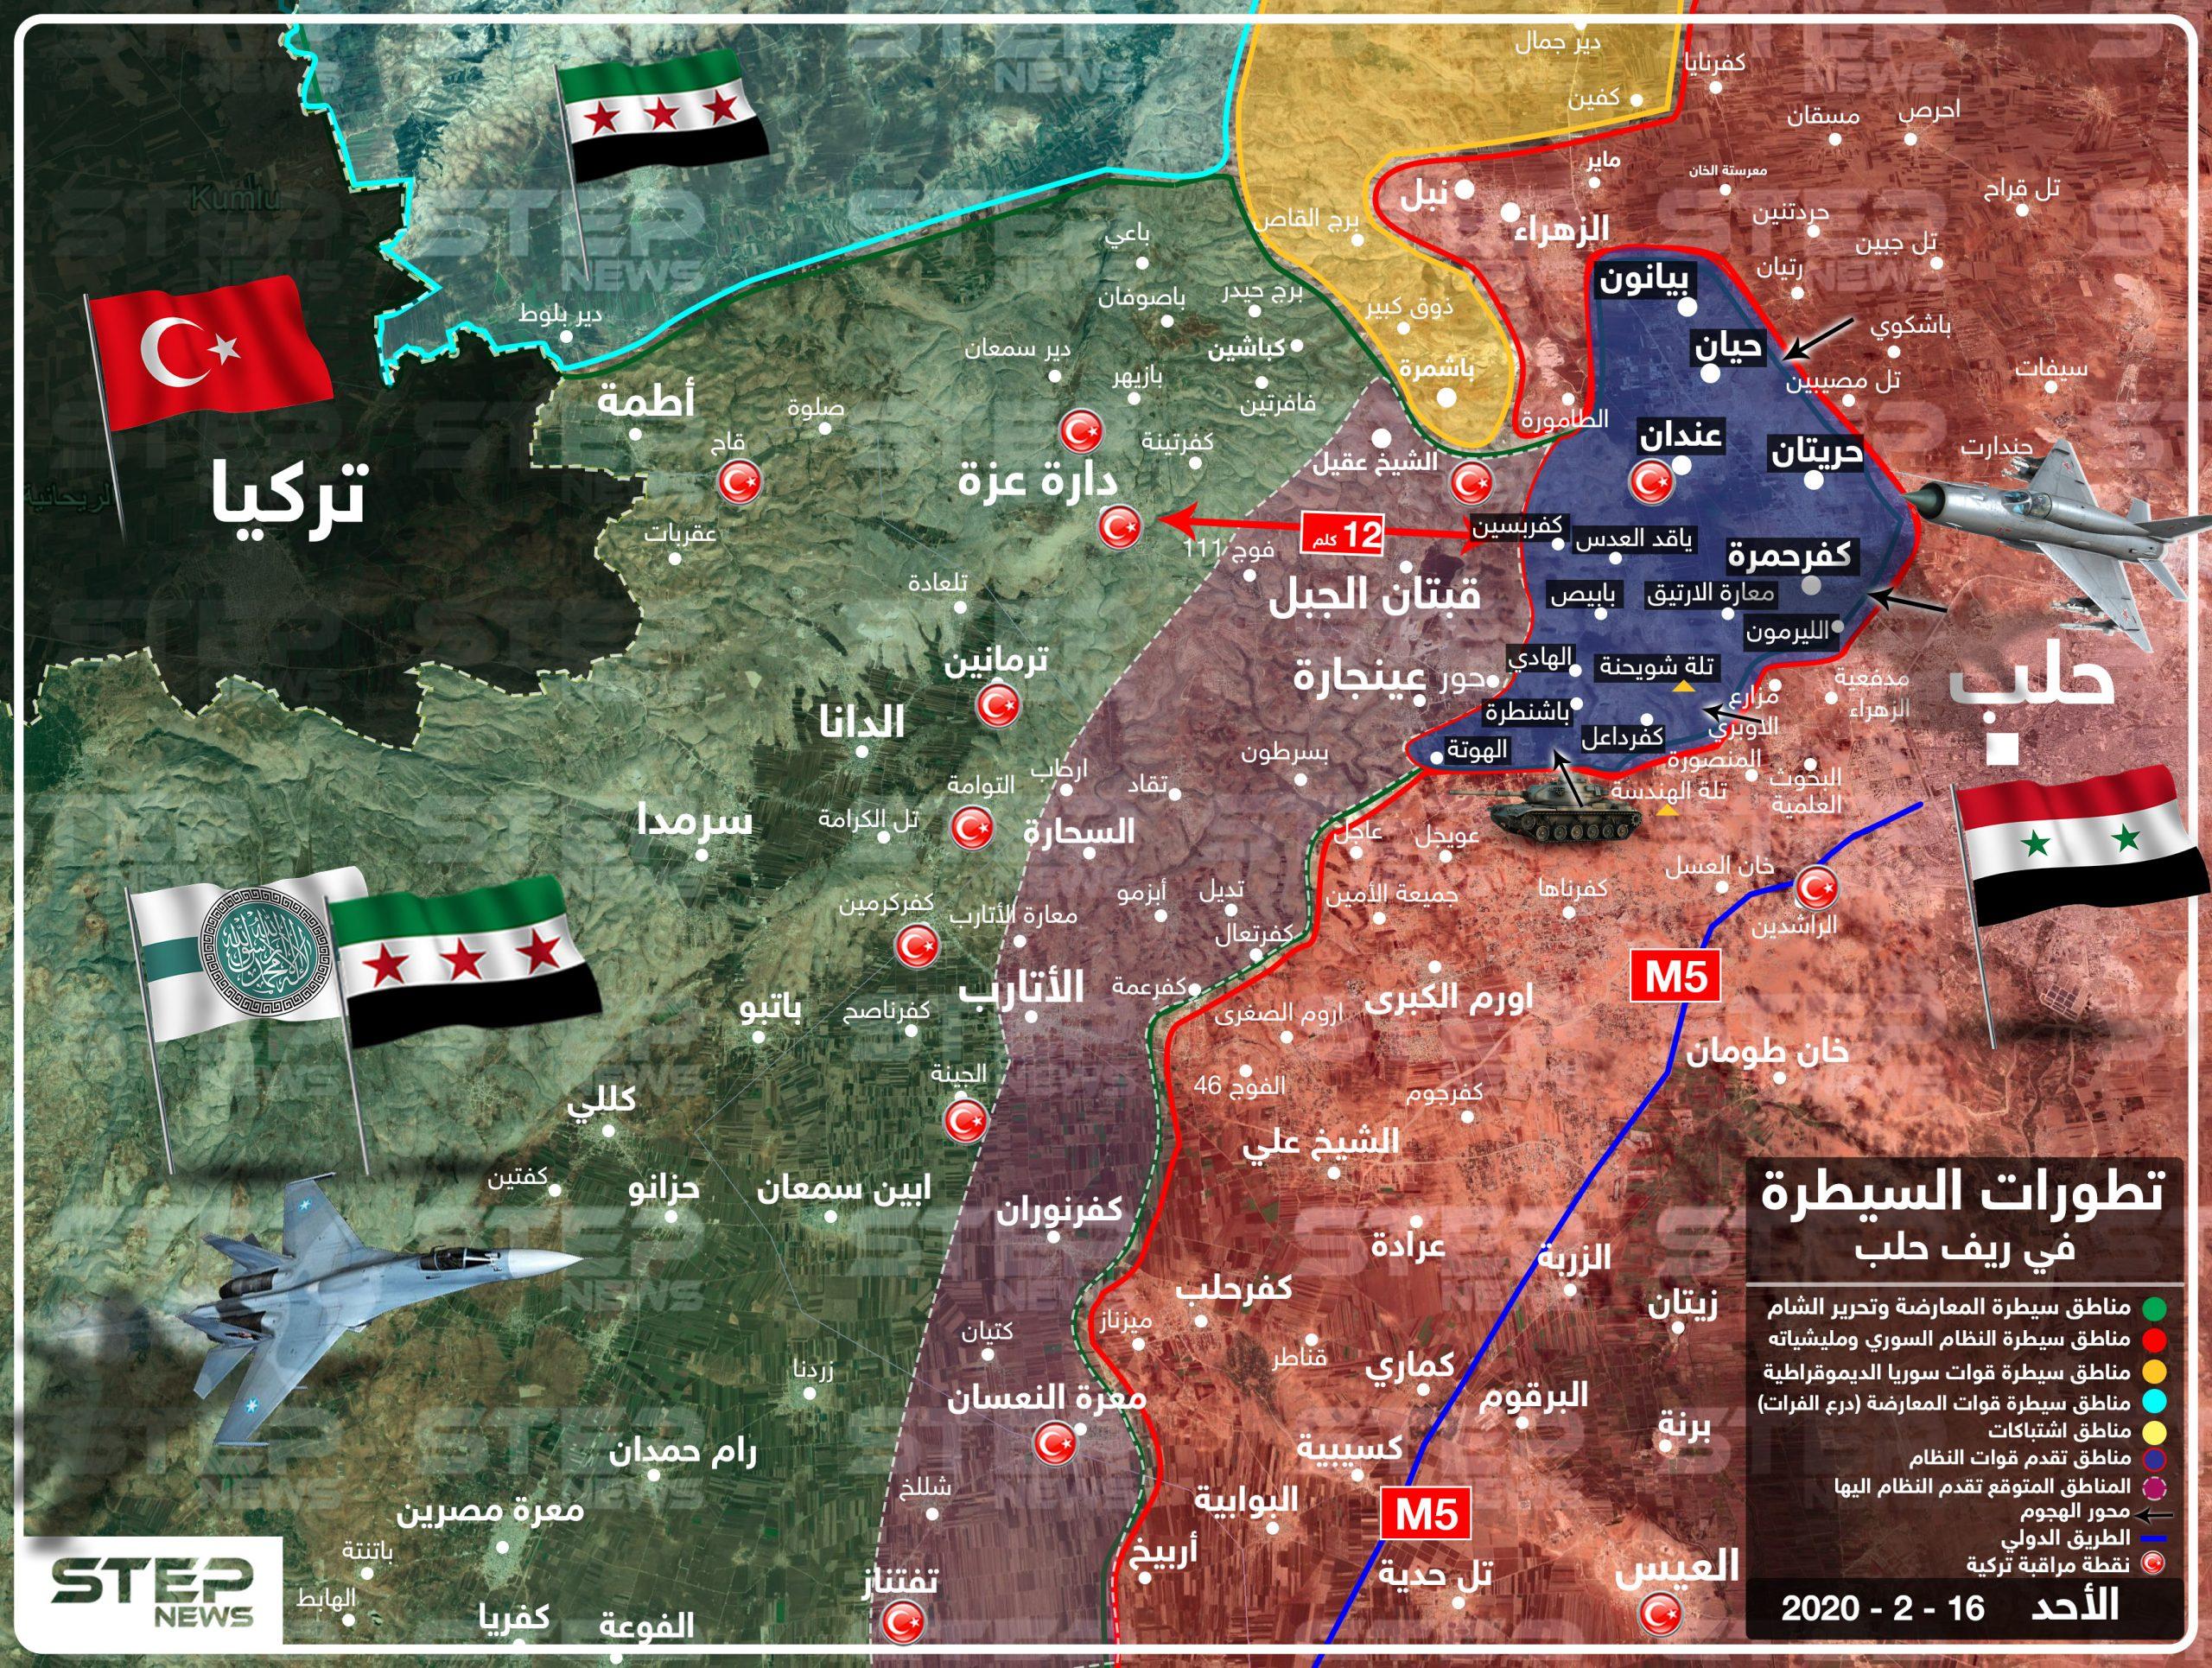 بالخريطة|| النظام السوري يُسيطر على ريف حلب الشمالي الغربي بالكامل.. وهذه هي وجهته القادمة!